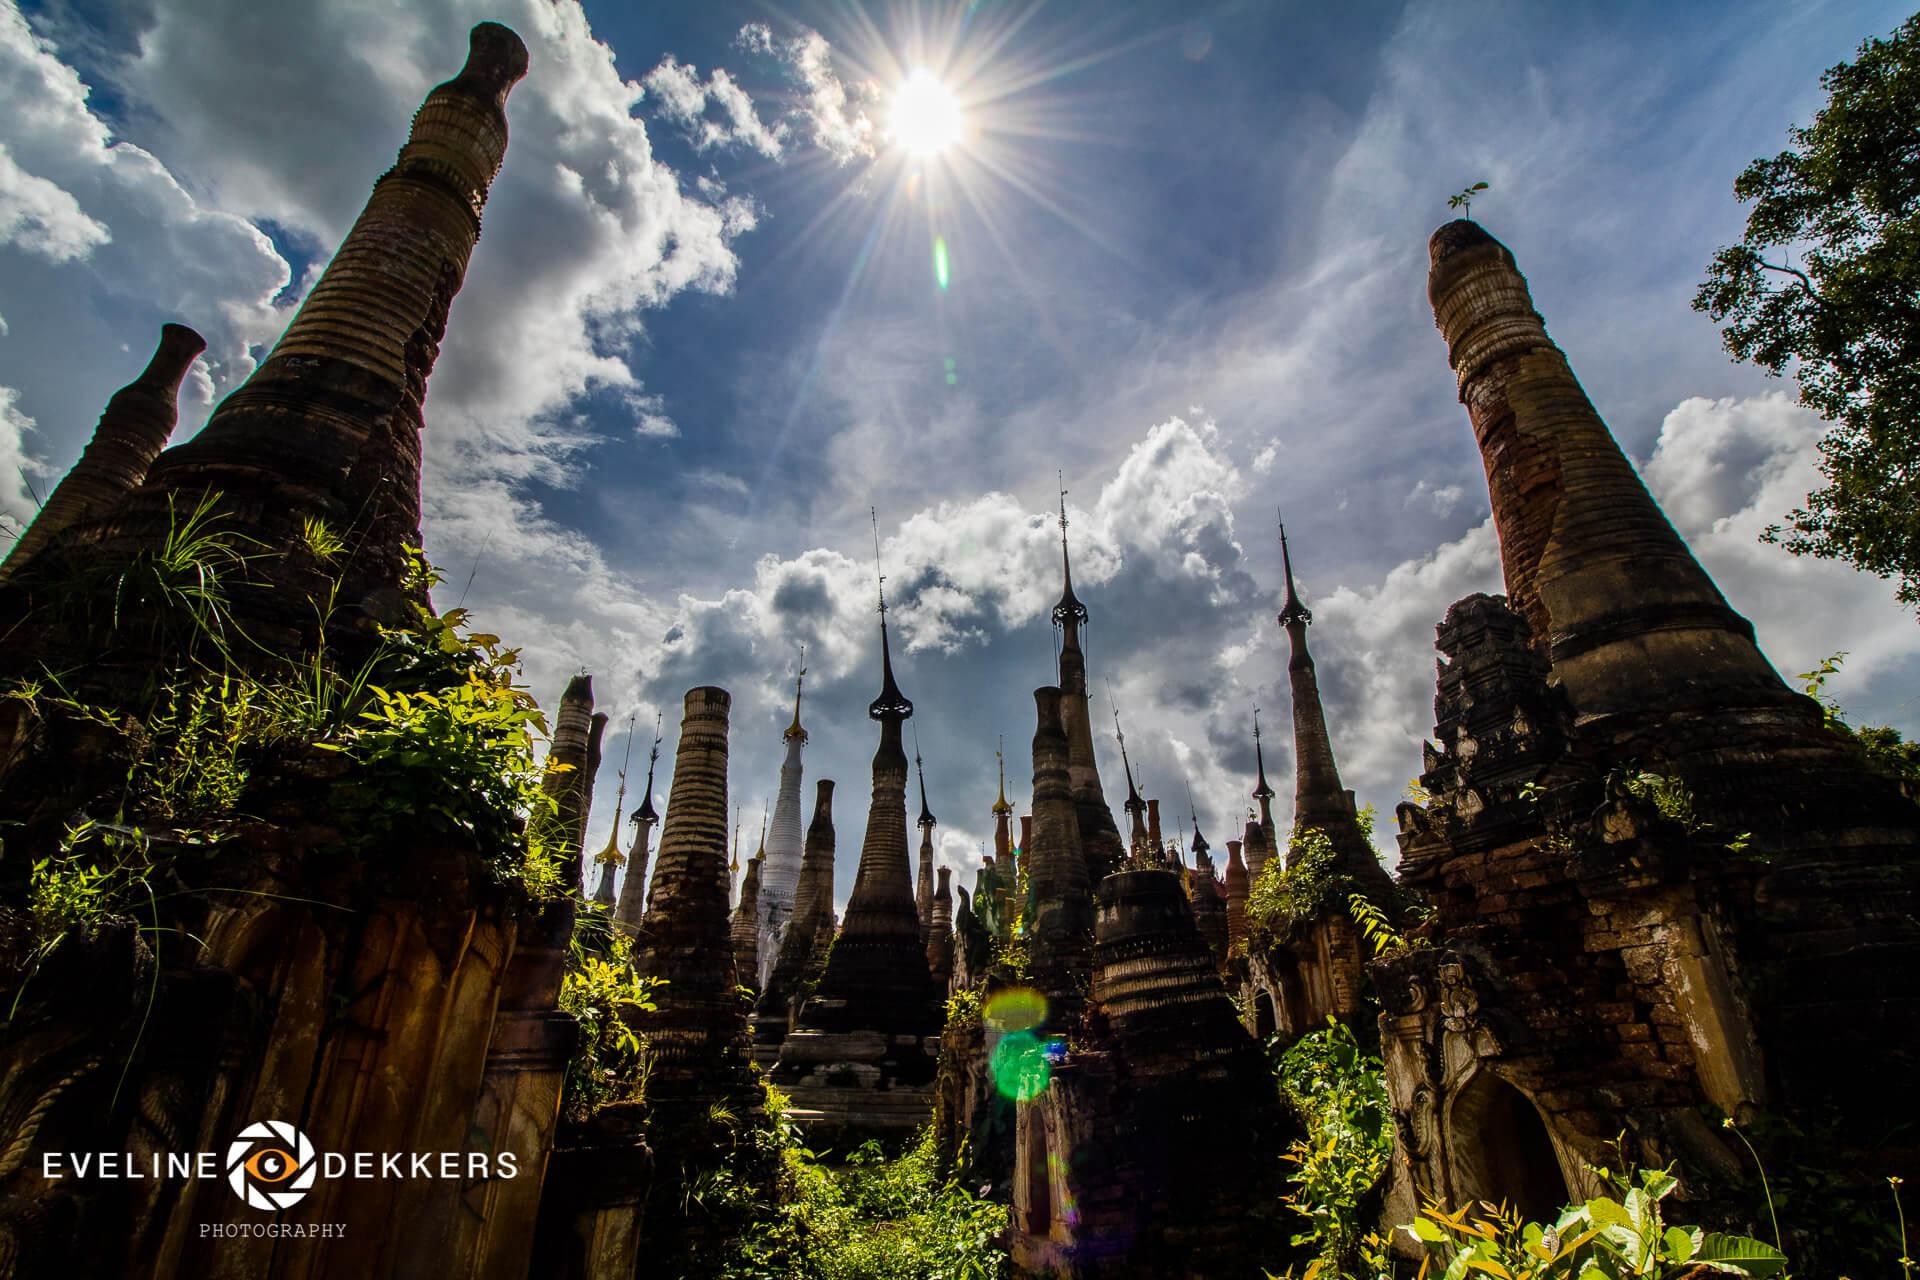 in-dein-stupas-myanmar